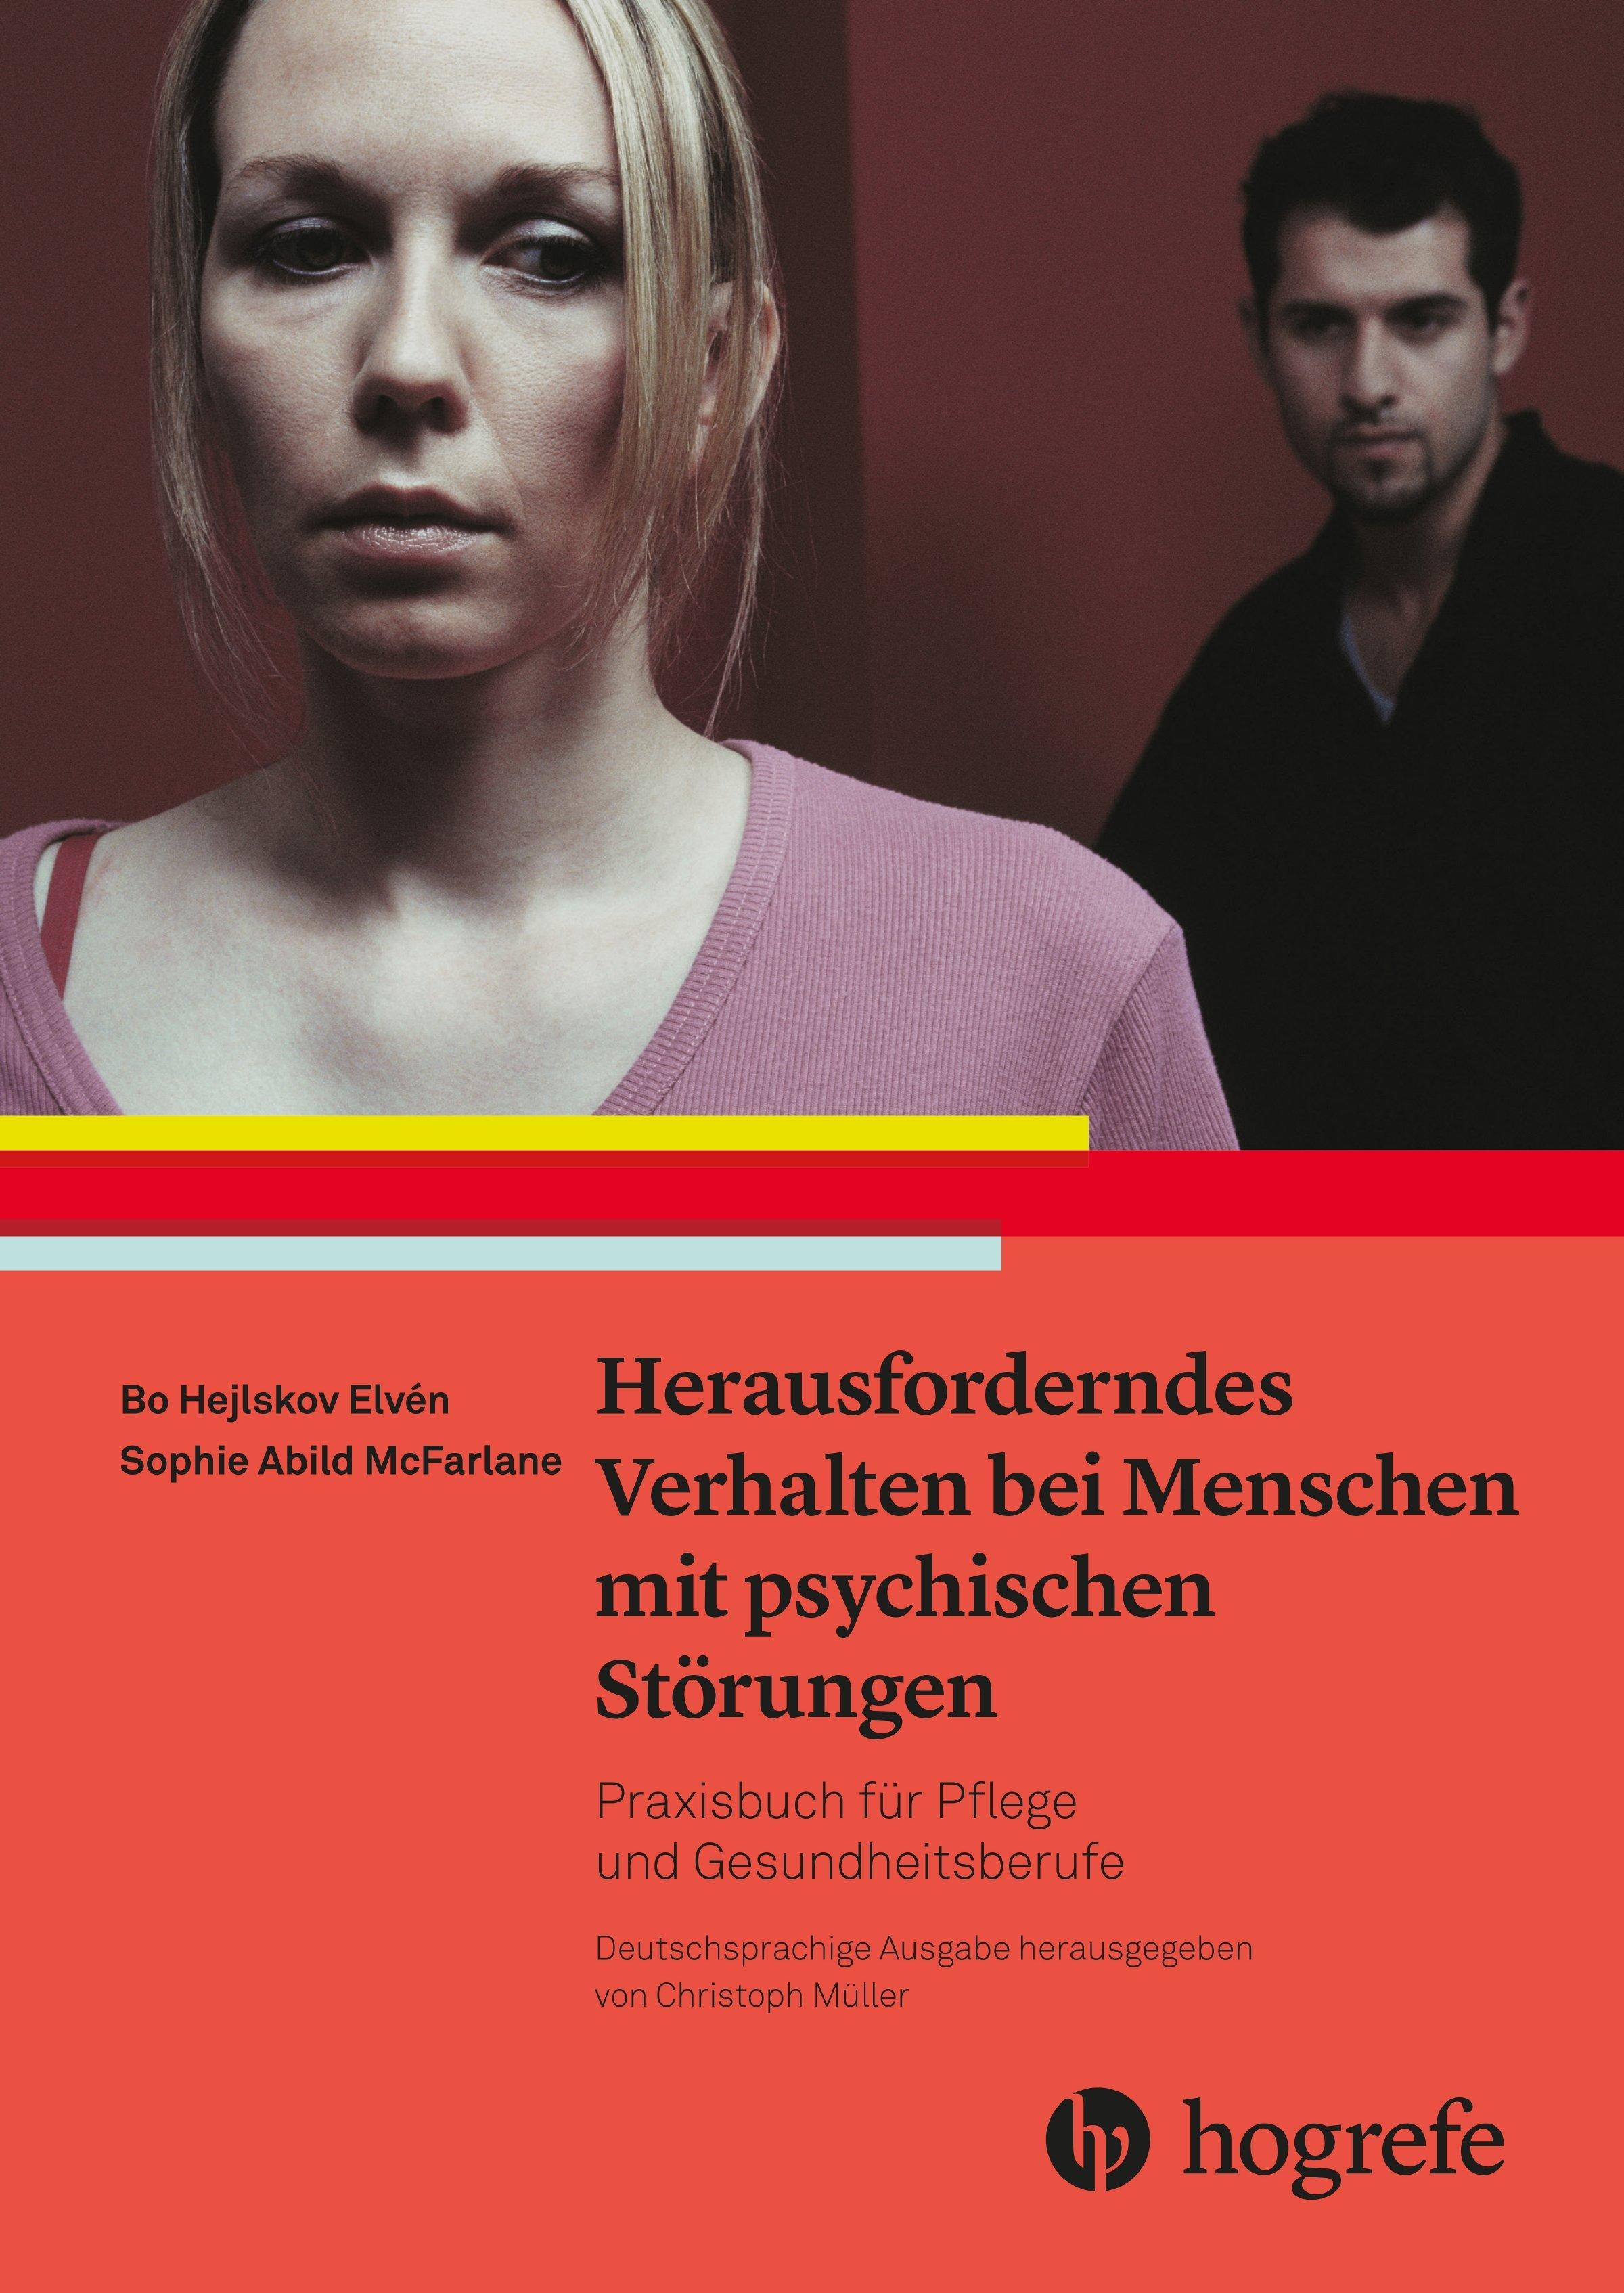 Herausforderndes Verhalten bei Menschen mit psychischen Störungen